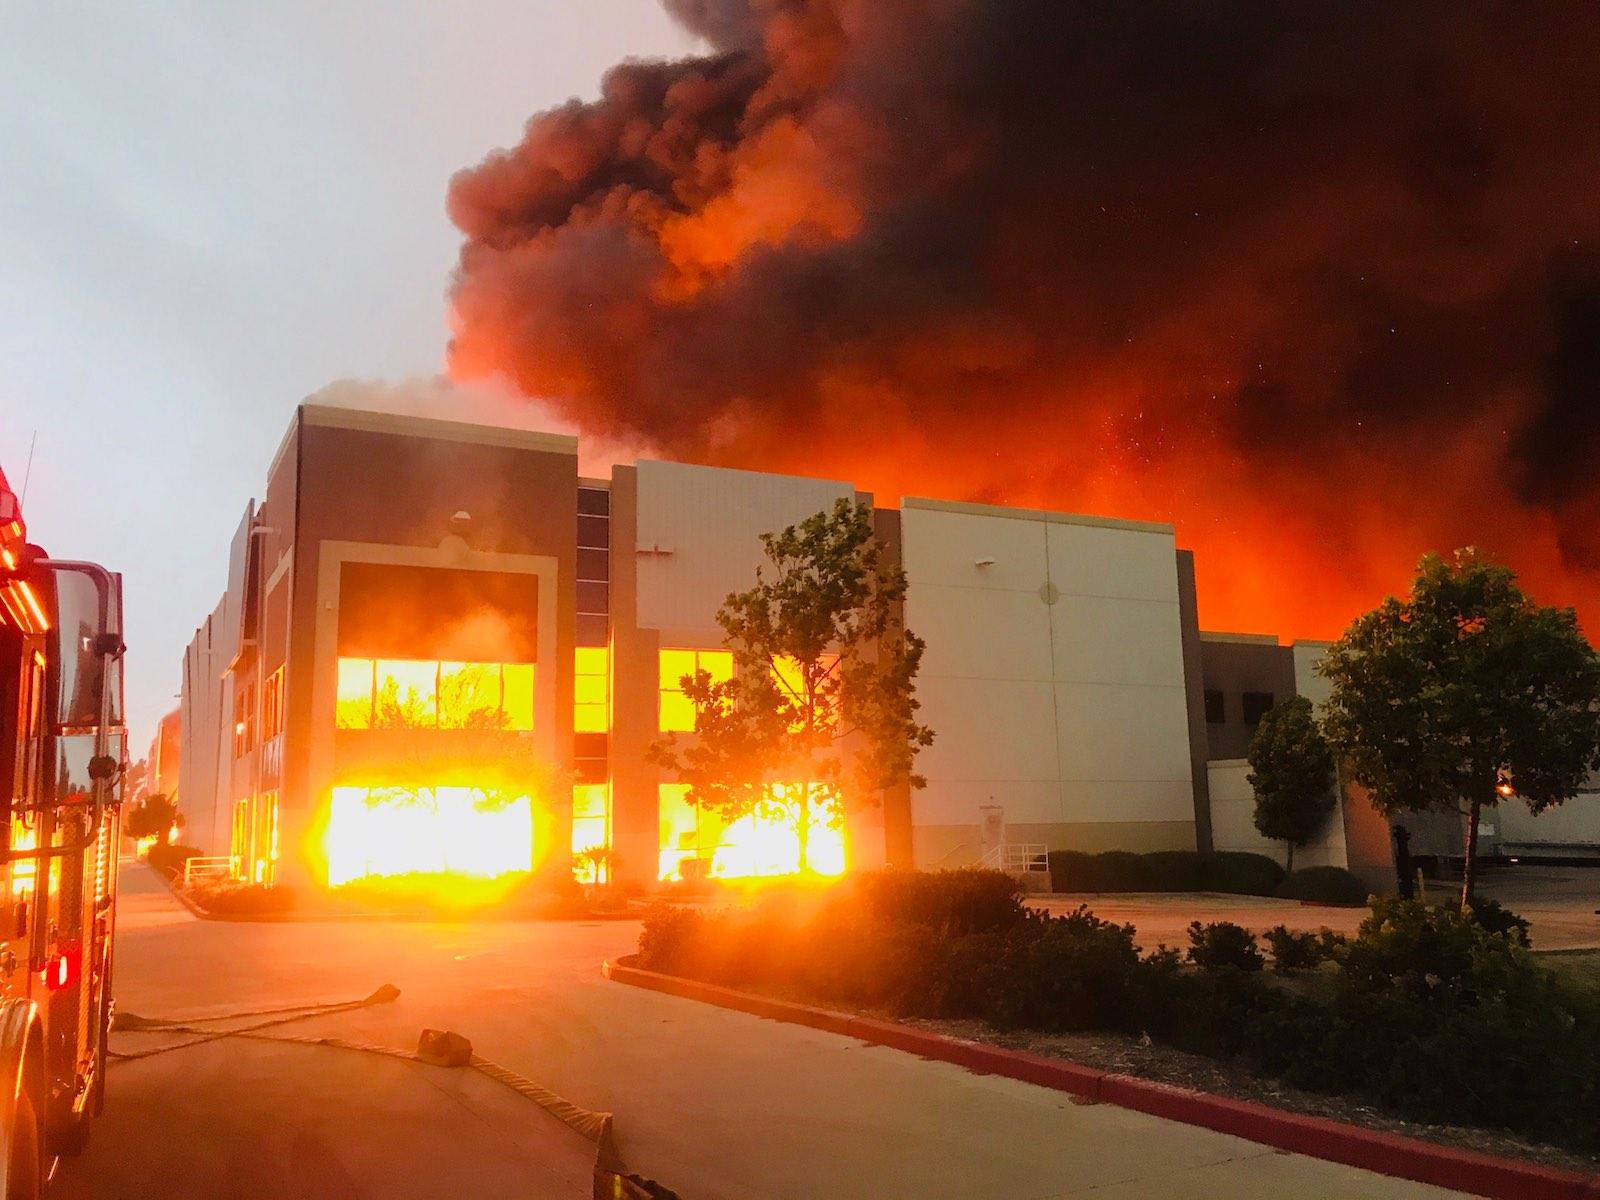 Flames tear through an Amazon distribution center